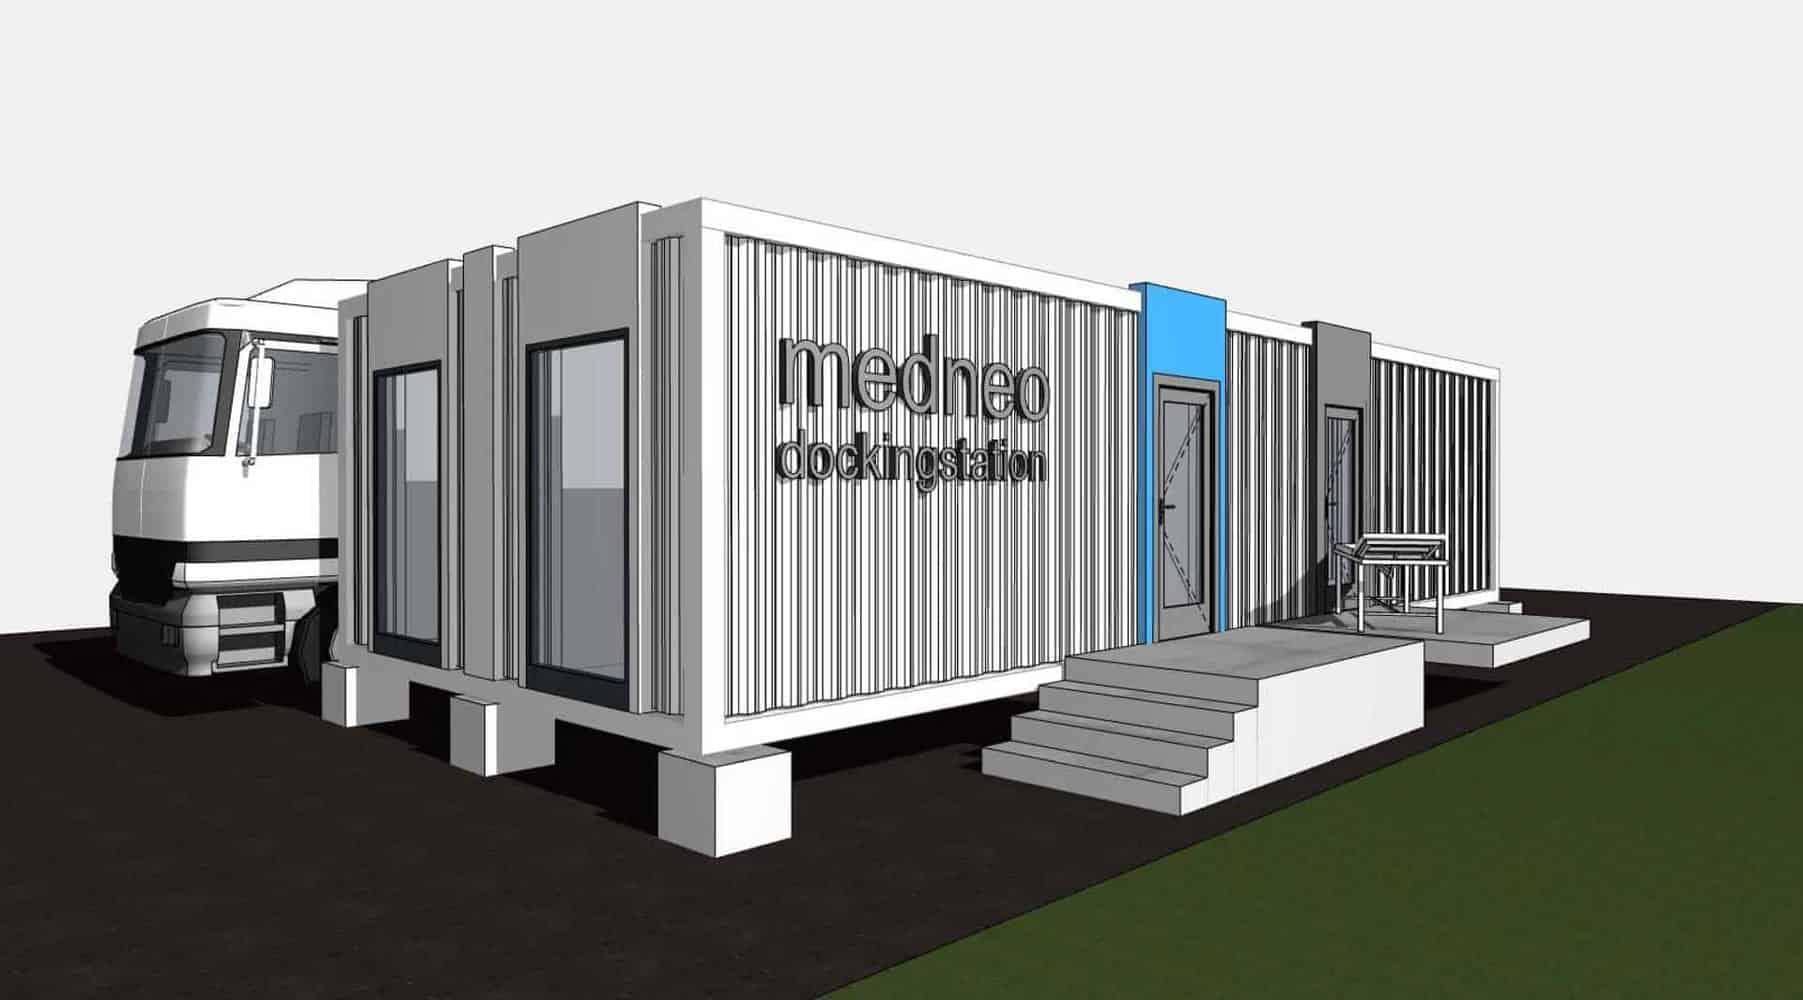 medneo Dockingstation, medneo GmbH, Konzeptentwicklung, Architektur, Referenz, Berlin, MRT, mobile Radiologie, Seecontainer